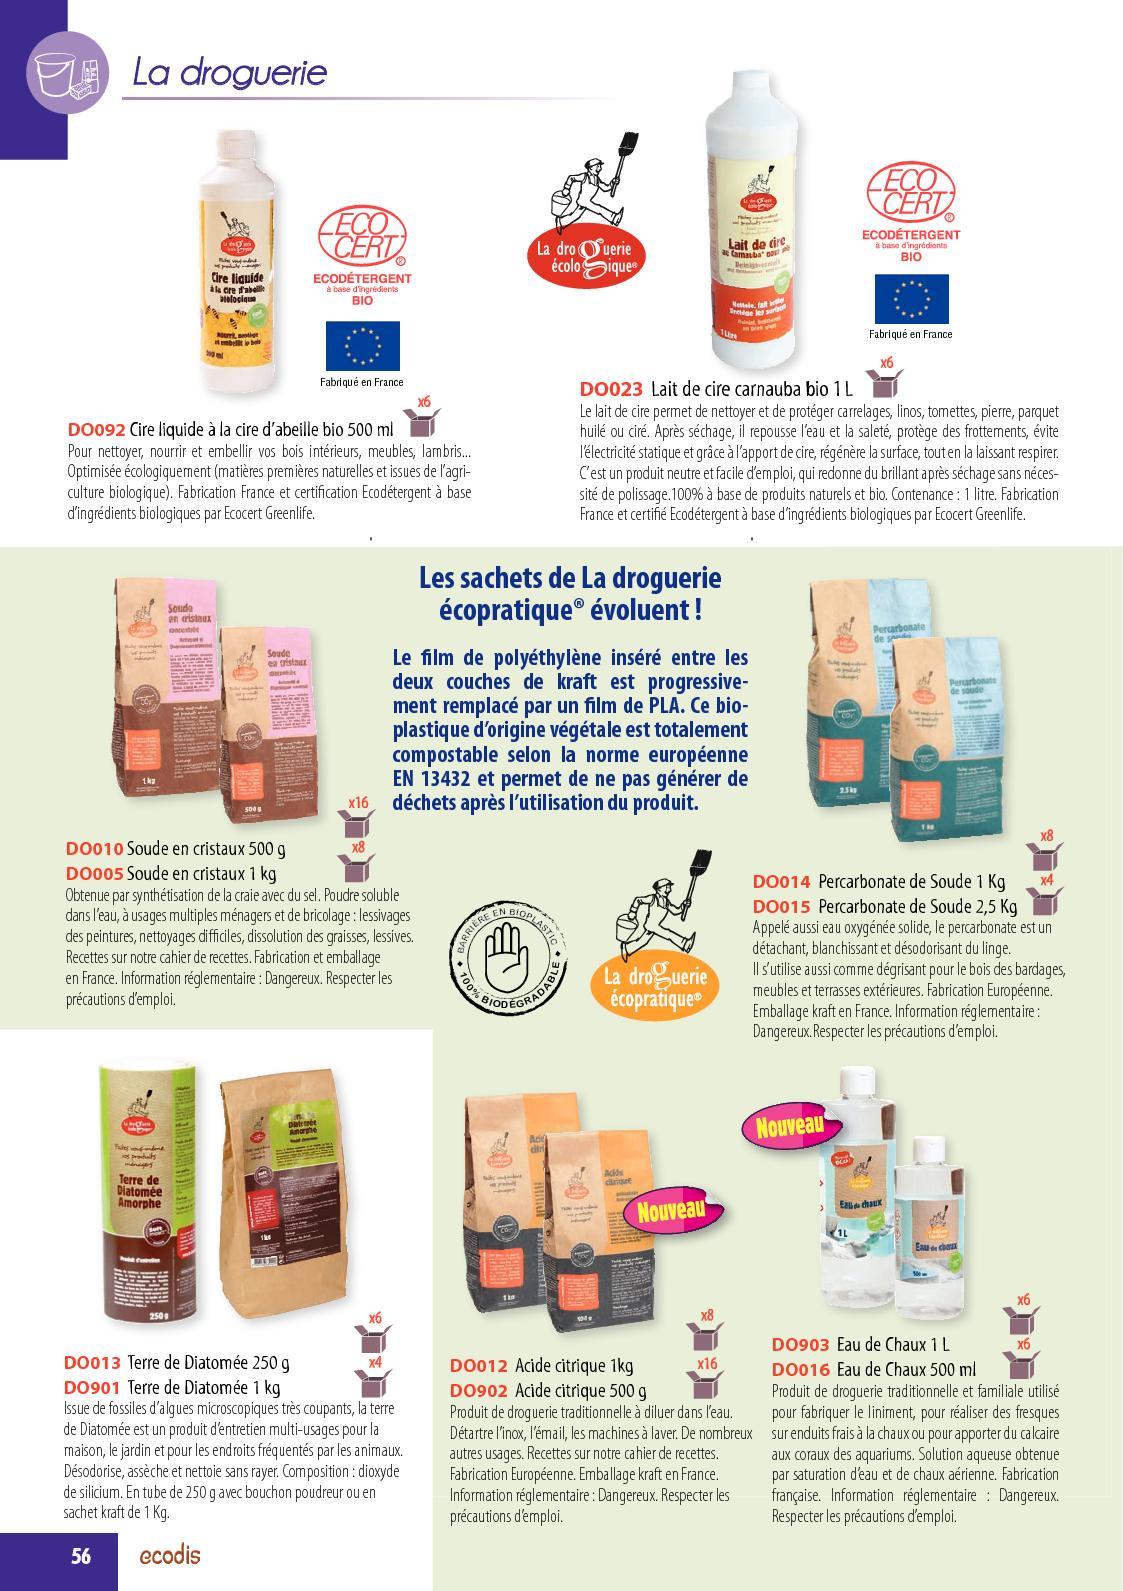 Percarbonate De Sodium Pour Terrasse Bois catalogue general 2018 - calameo downloader